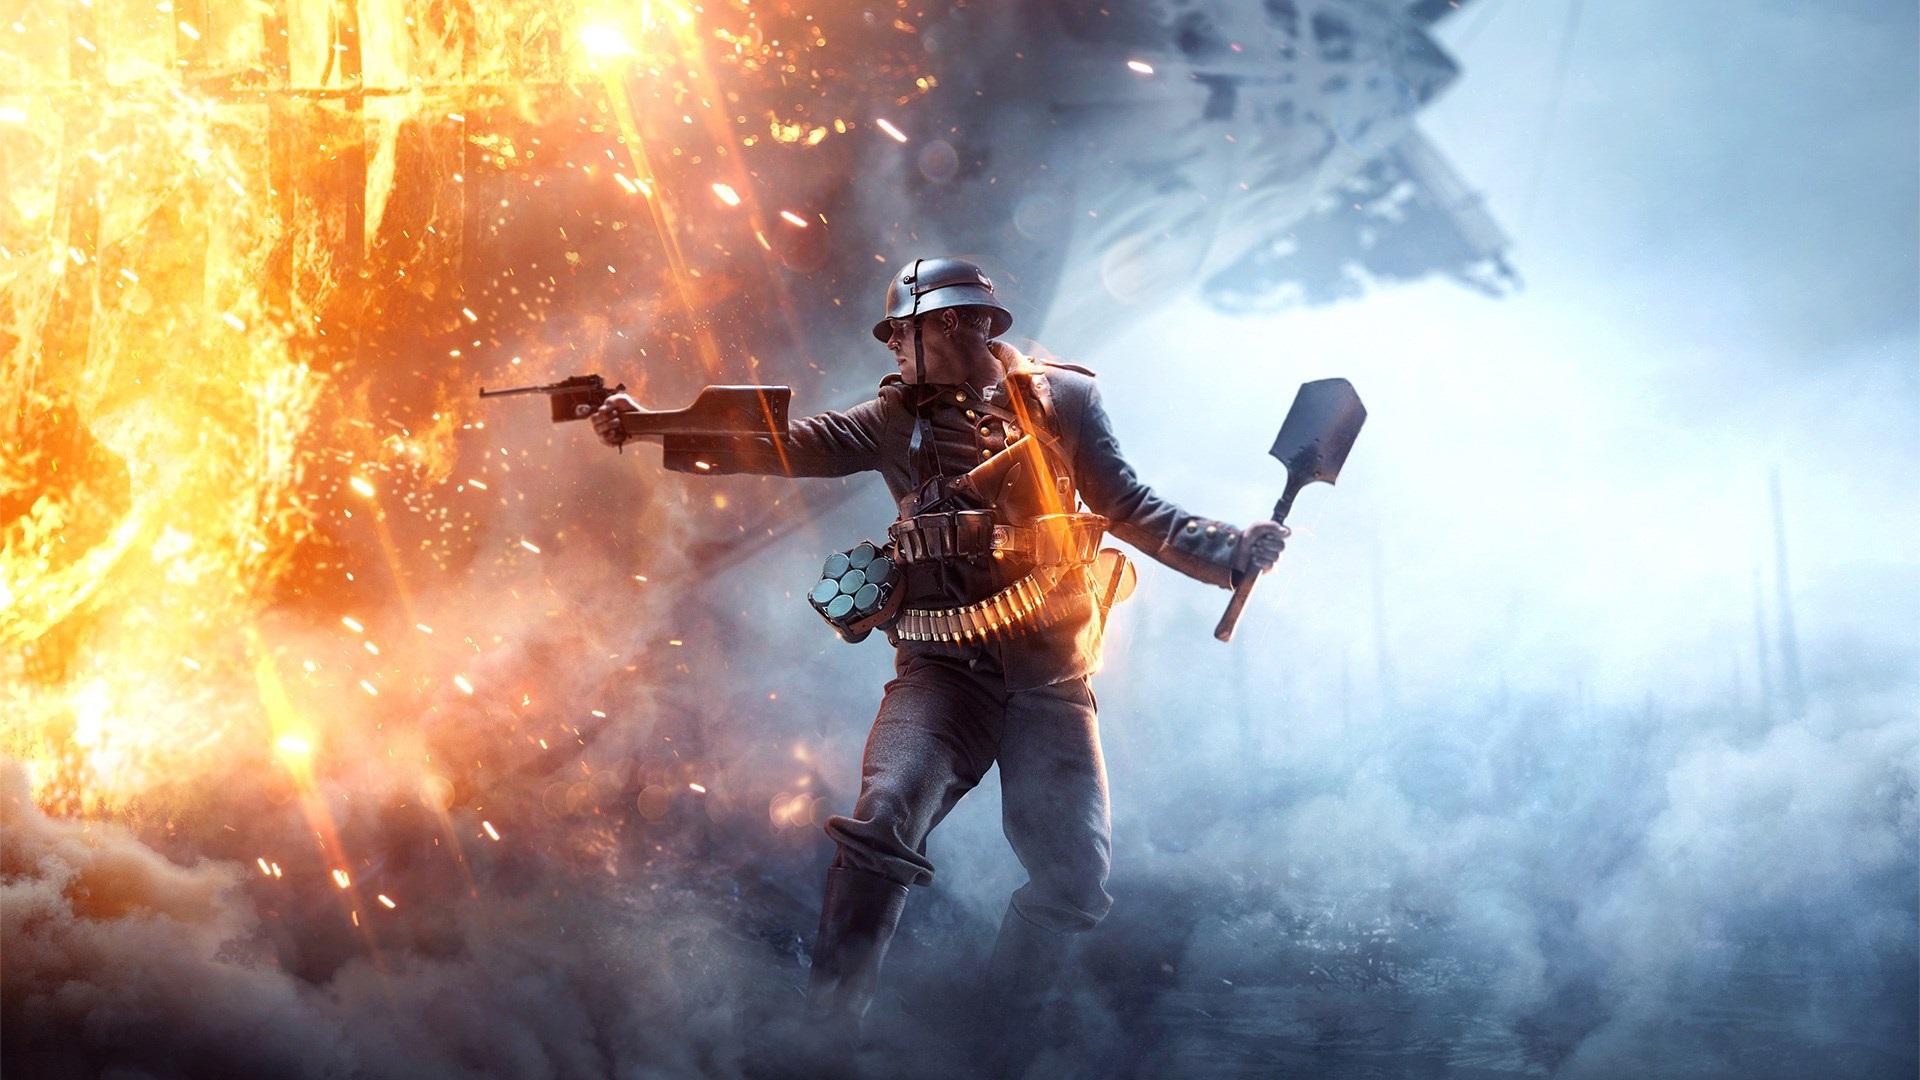 В Battlefield 5 будет несколько однопользовательских сценариев